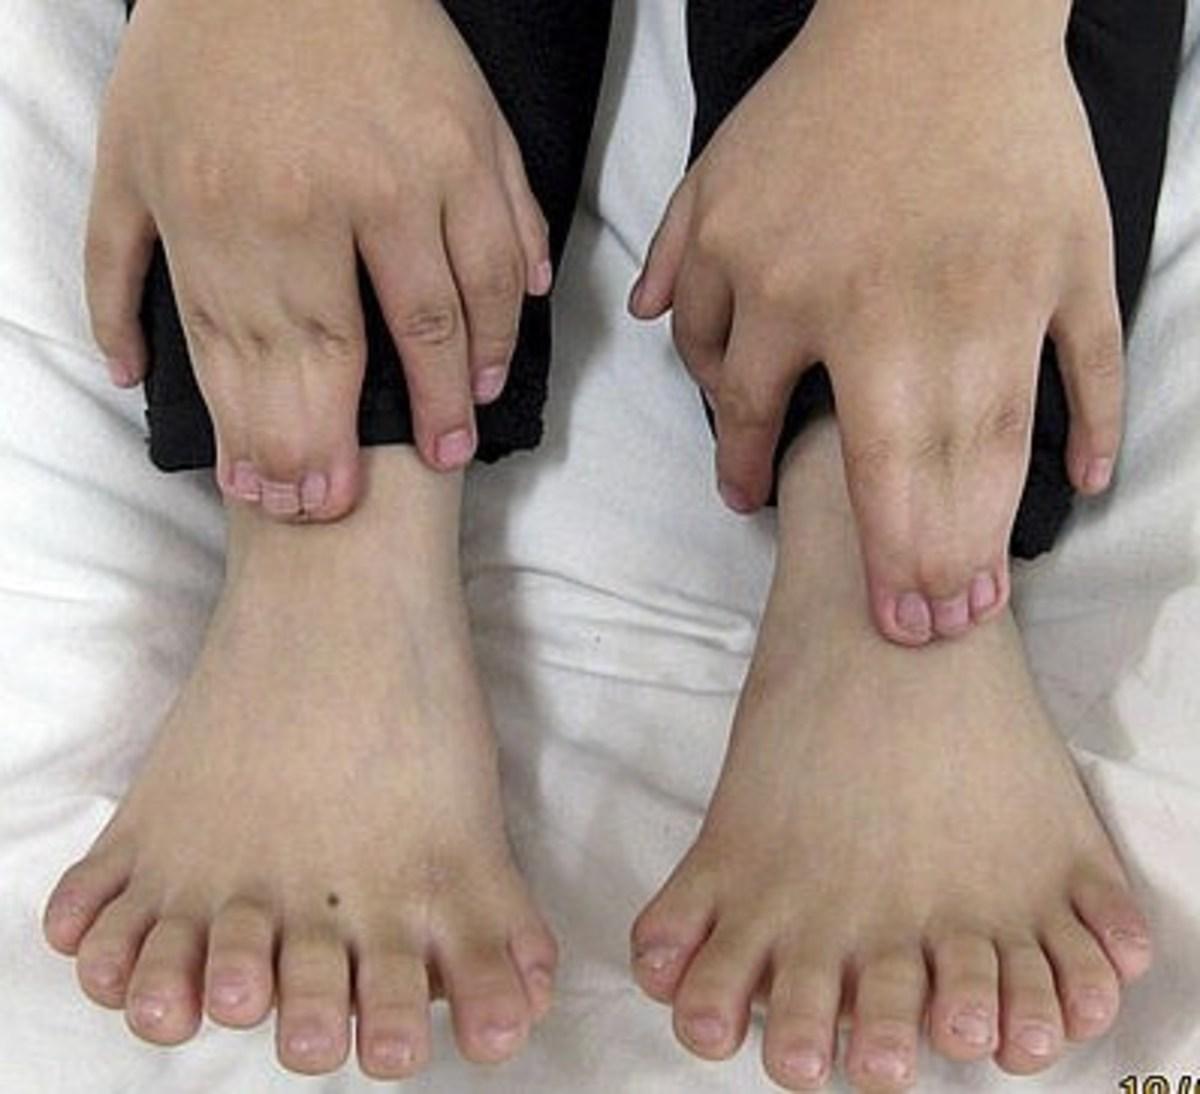 Απίστευτο κι όμως αληθινό! Γεννήθηκε με 31 δάχτυλα | Newsit.gr